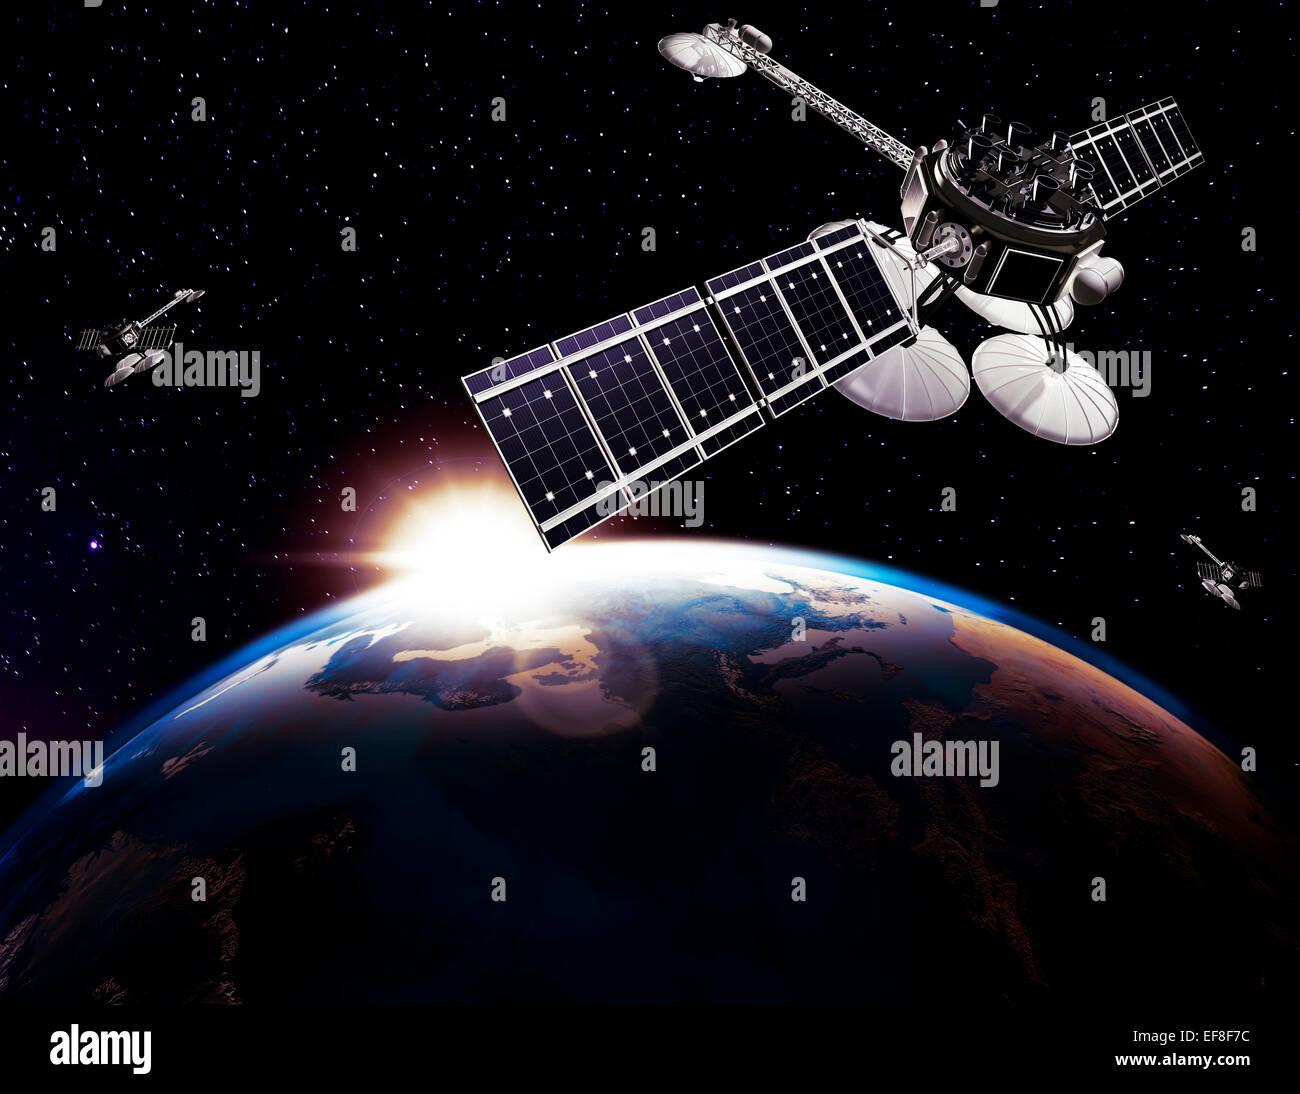 Los satélites de comunicaciones, Comsat, por encima de la tierra globo iluminado por el sol negro sobre fondo Imagen De Stock